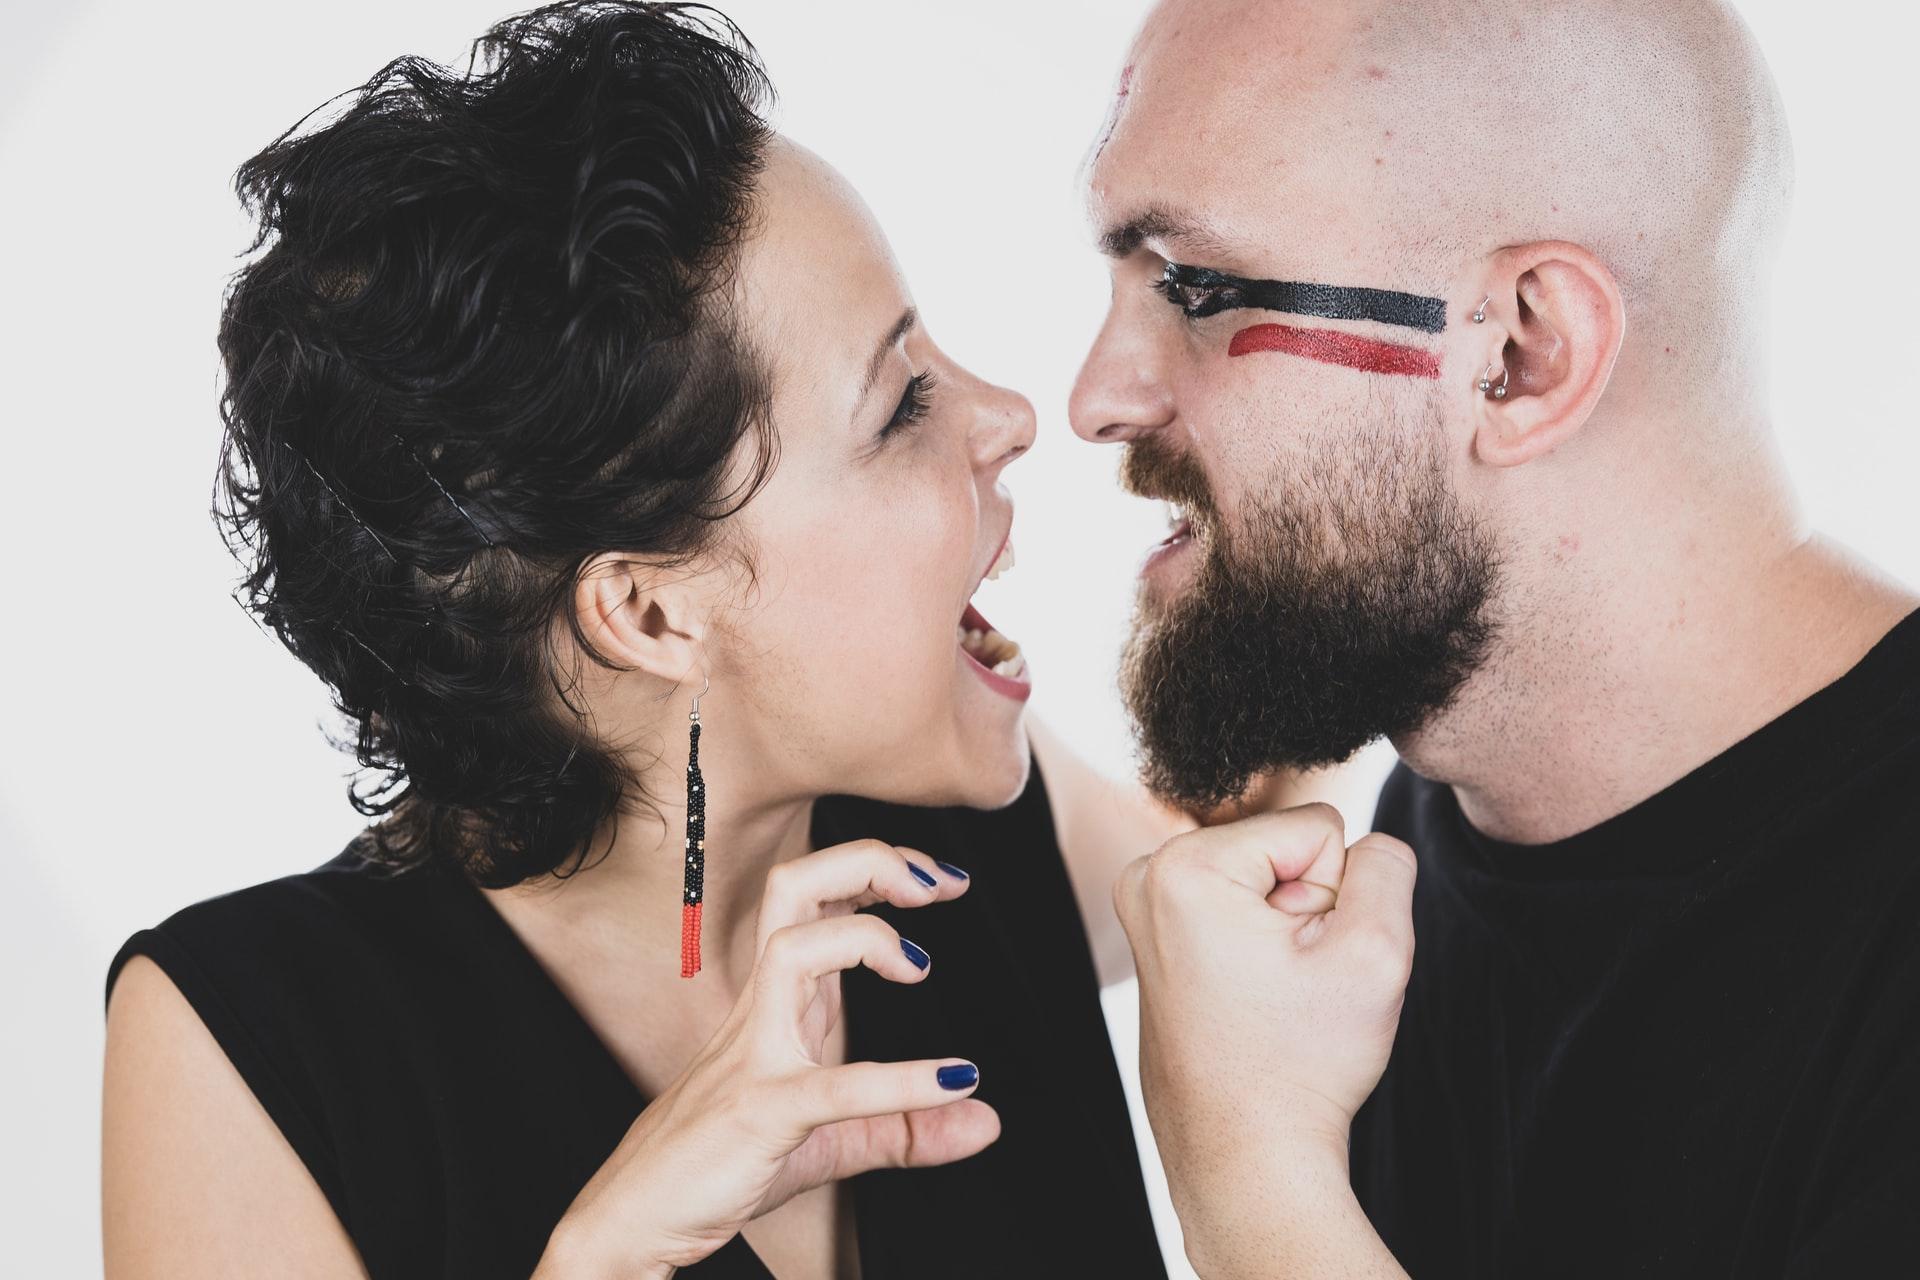 言い合う男と女